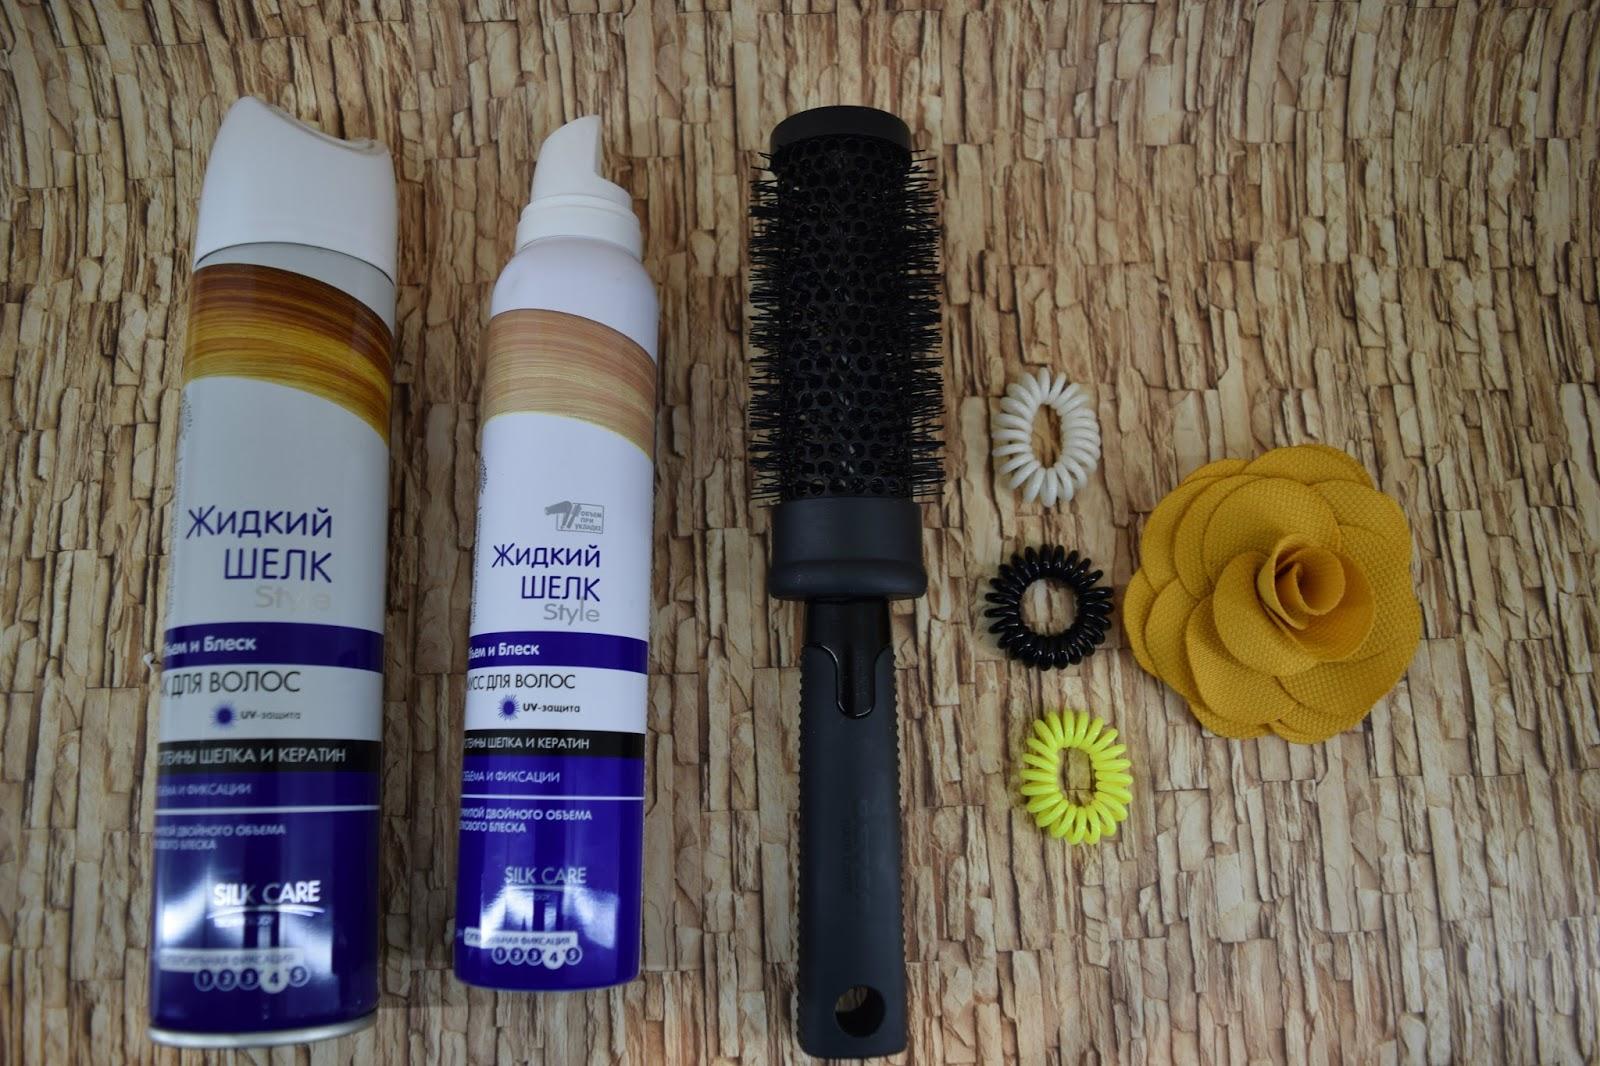 Мусс для волос жидкий шелк отзывы